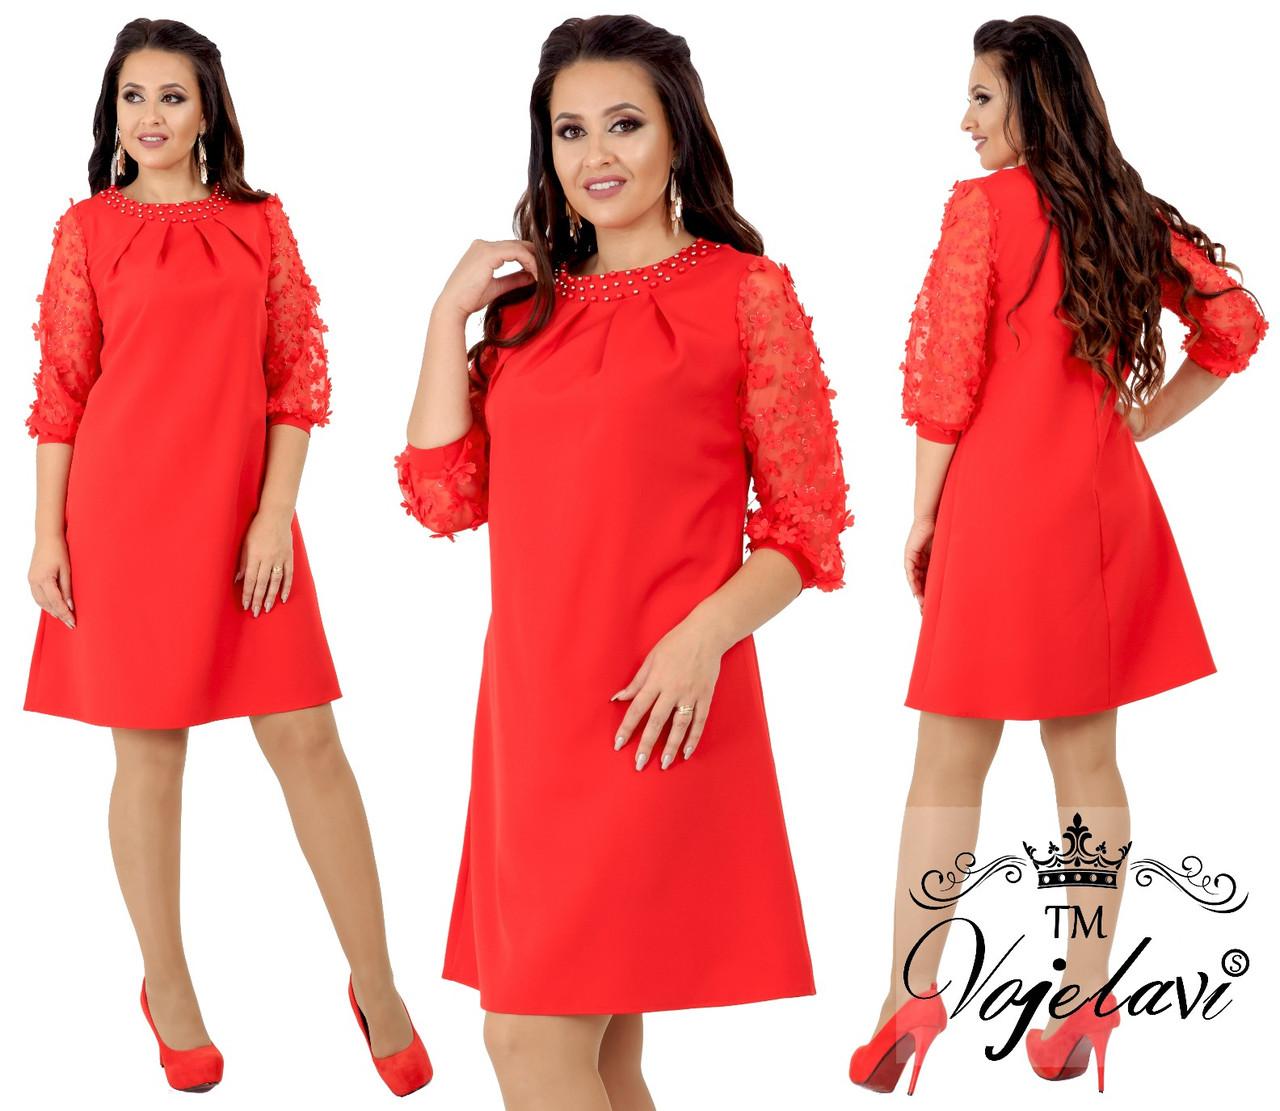 Нежное романтическое платье-трапеция с жемчужинами на горловине и красивыми рукавами, батал большие размеры